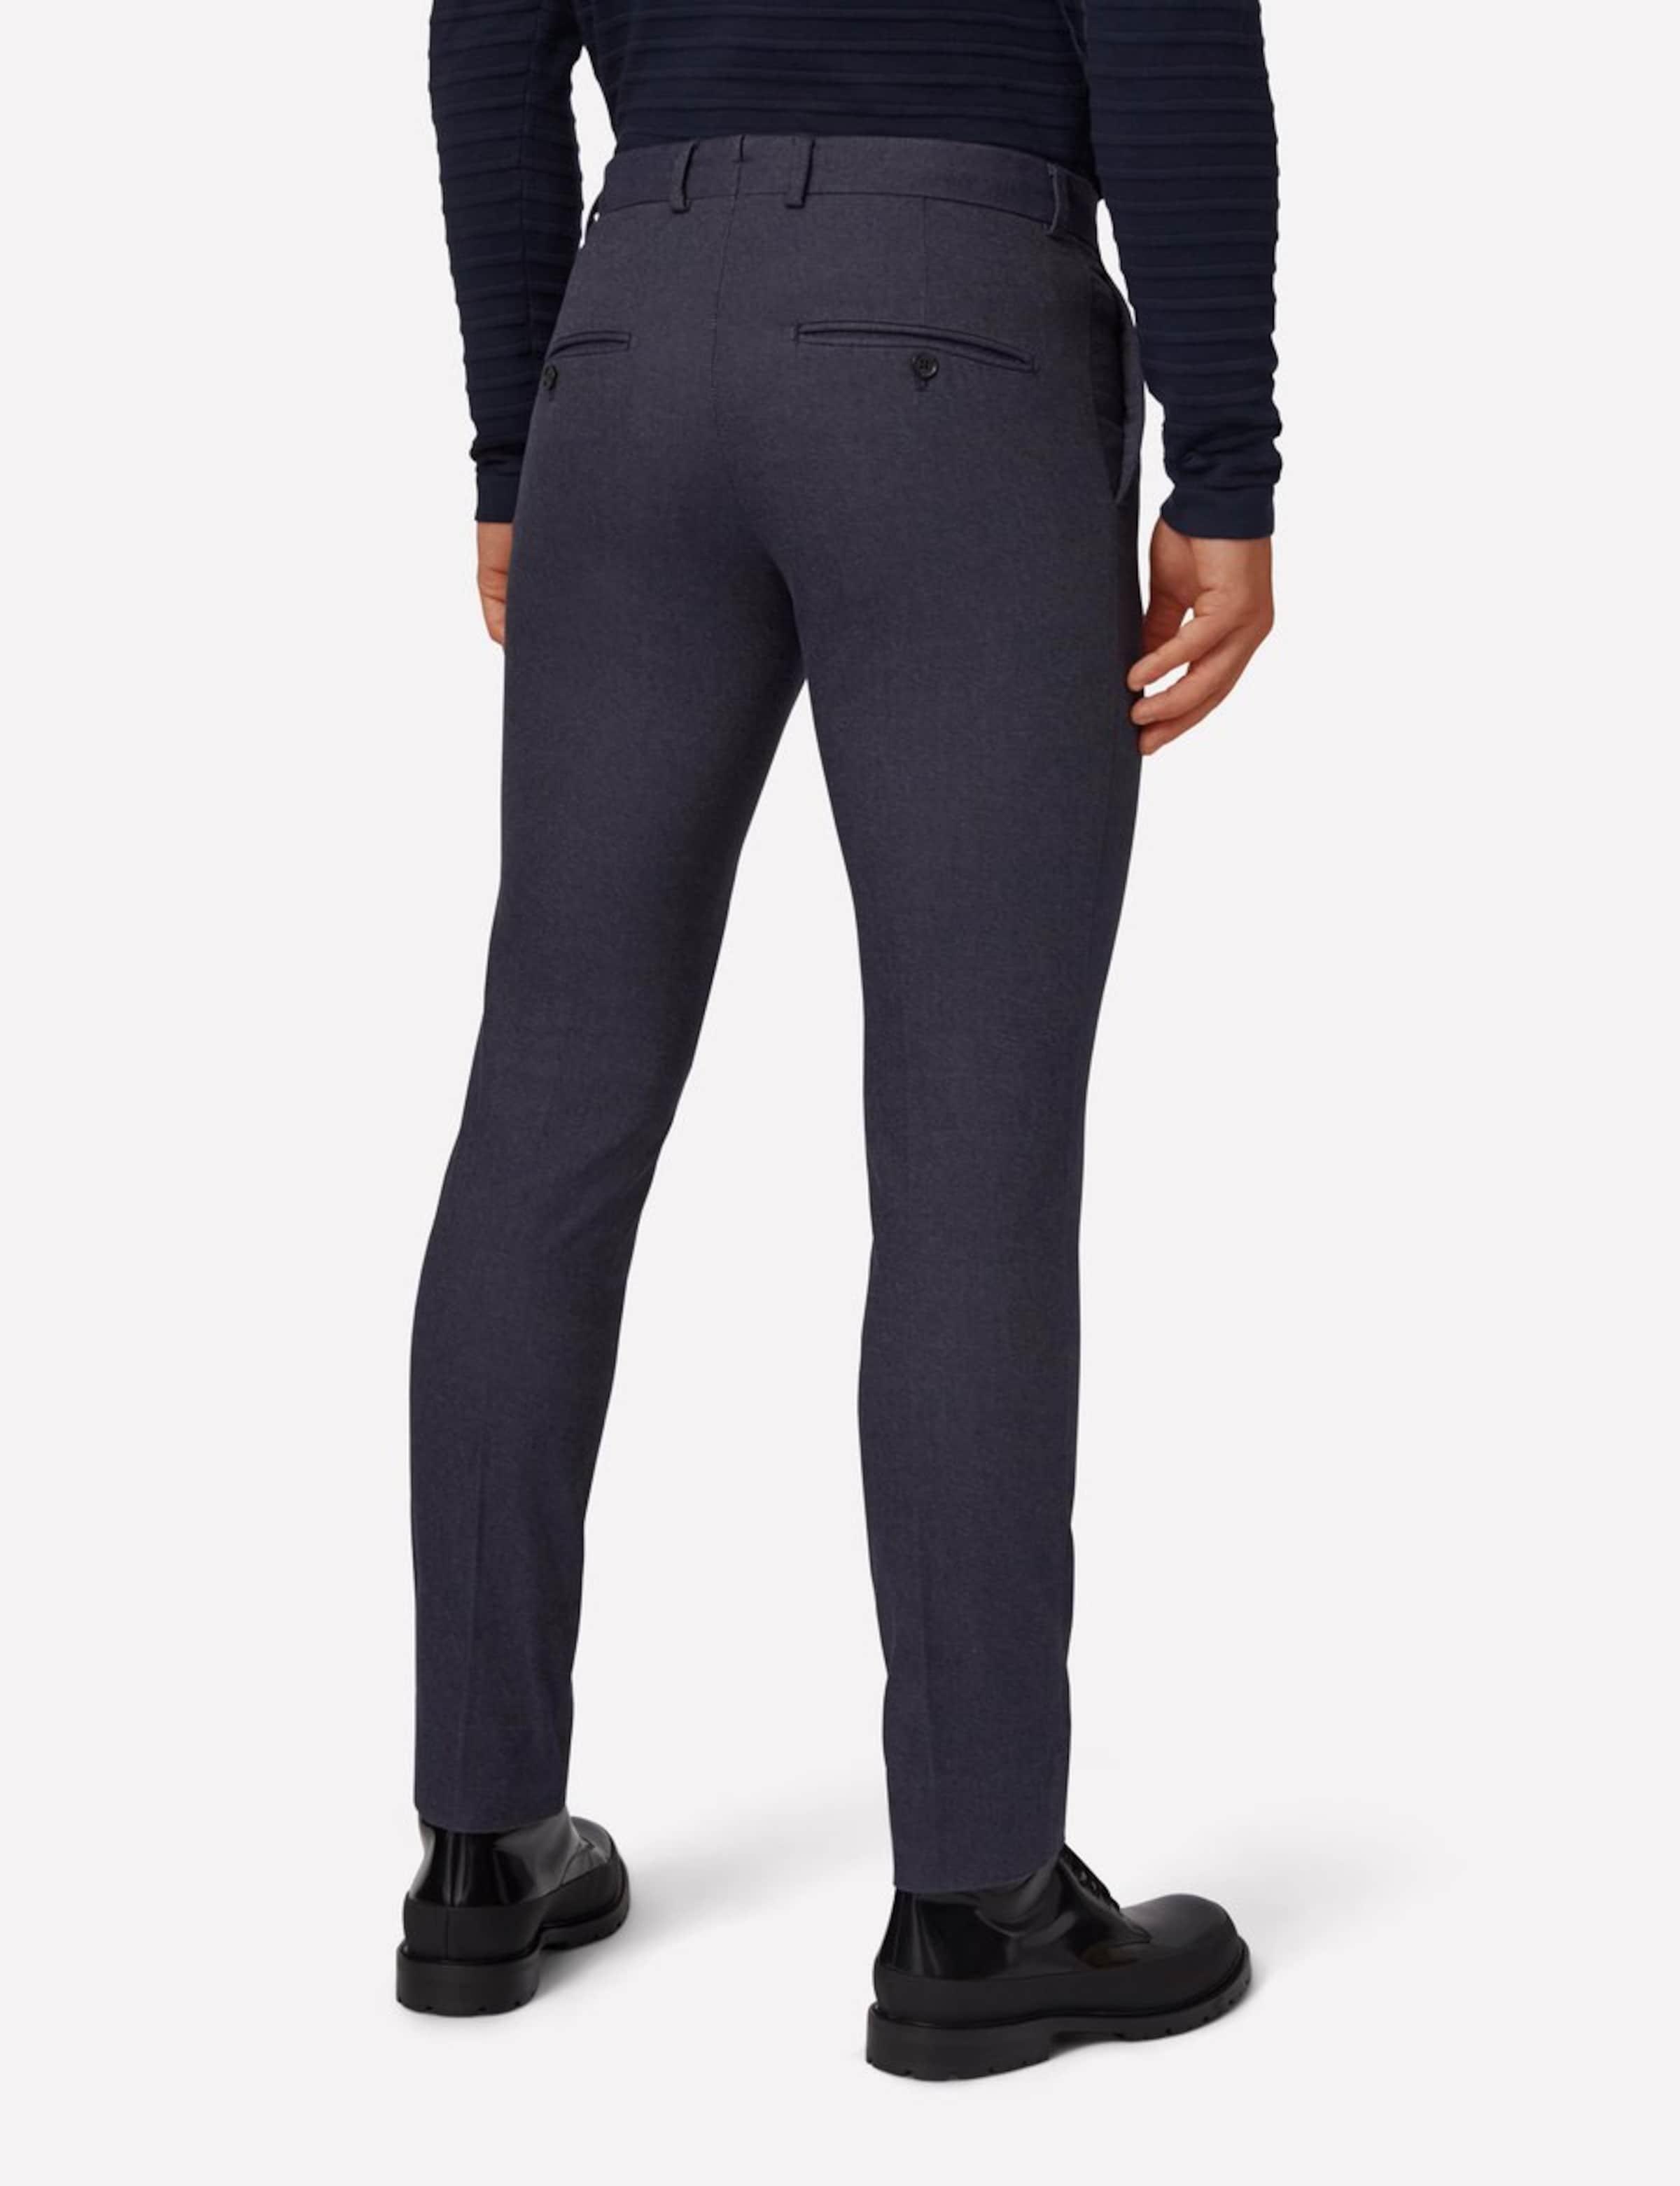 J.Lindeberg 'Grant Flannel Twill' Anzughose Billige Angebote Outlet Brandneue Unisex Günstig Kaufen Echt Preiswert we84JPvS0